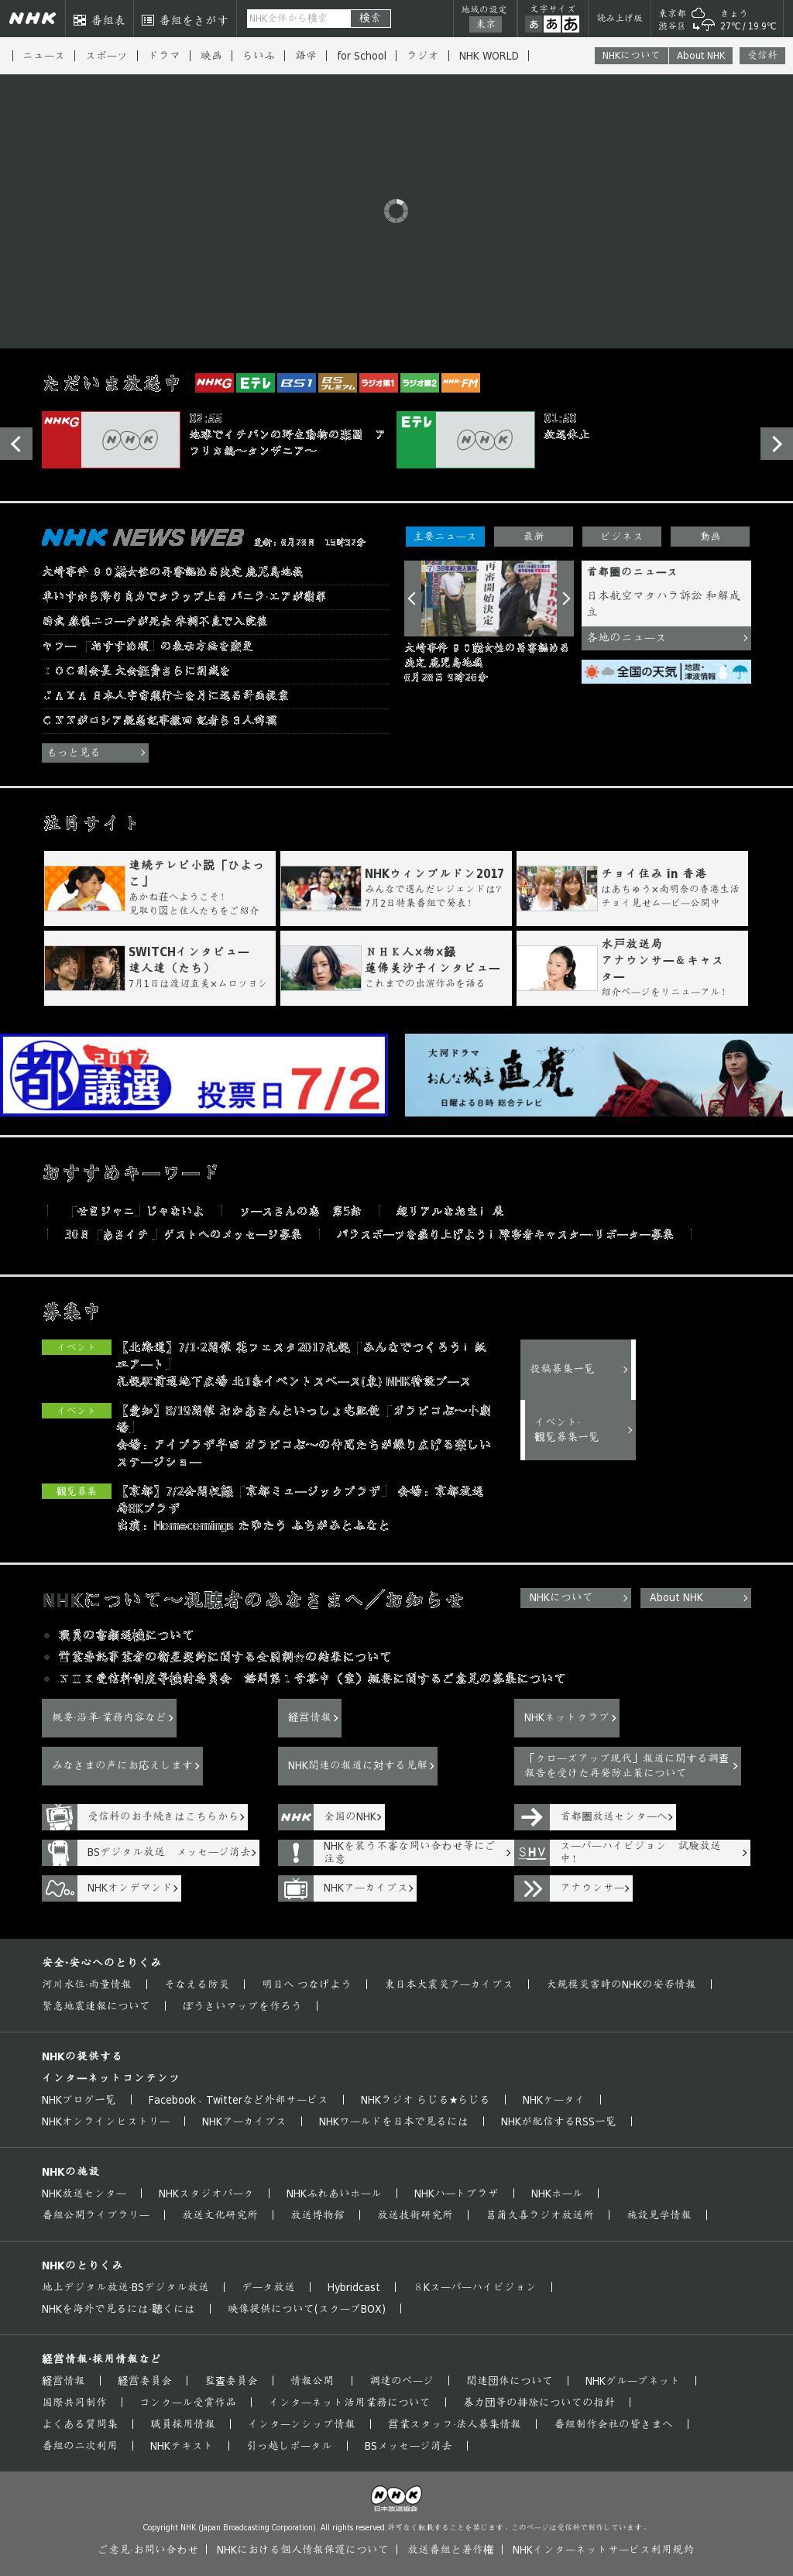 NHK Online at Wednesday June 28, 2017, 6:17 p.m. UTC